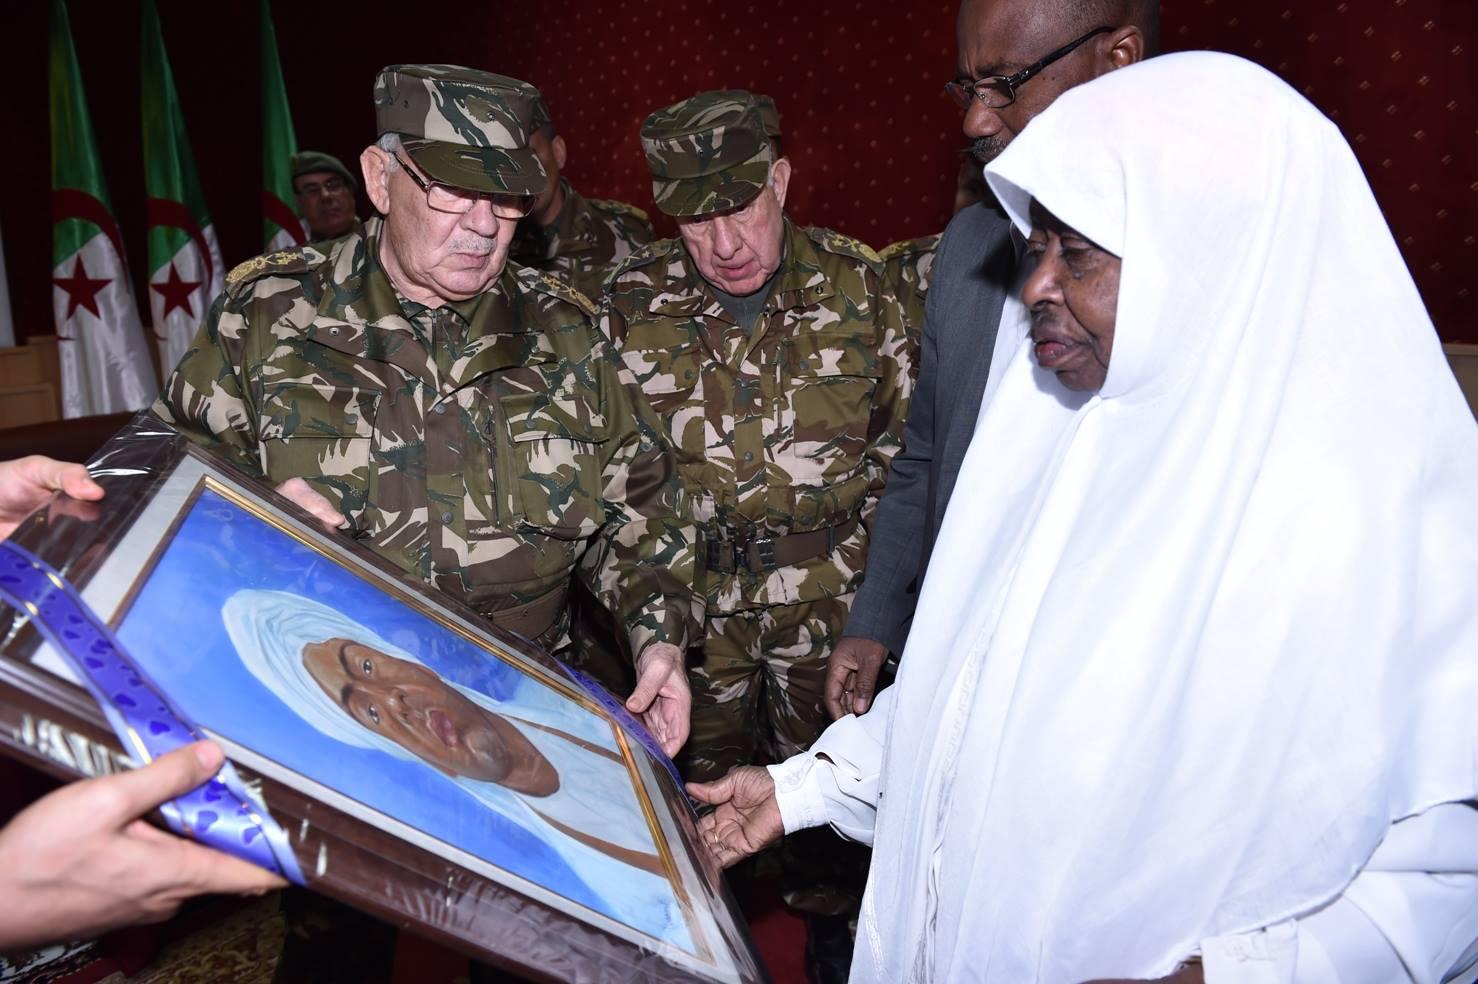 الجزائر : صلاحيات نائب وزير الدفاع الوطني - صفحة 5 30863671856_b9bb7f4144_o